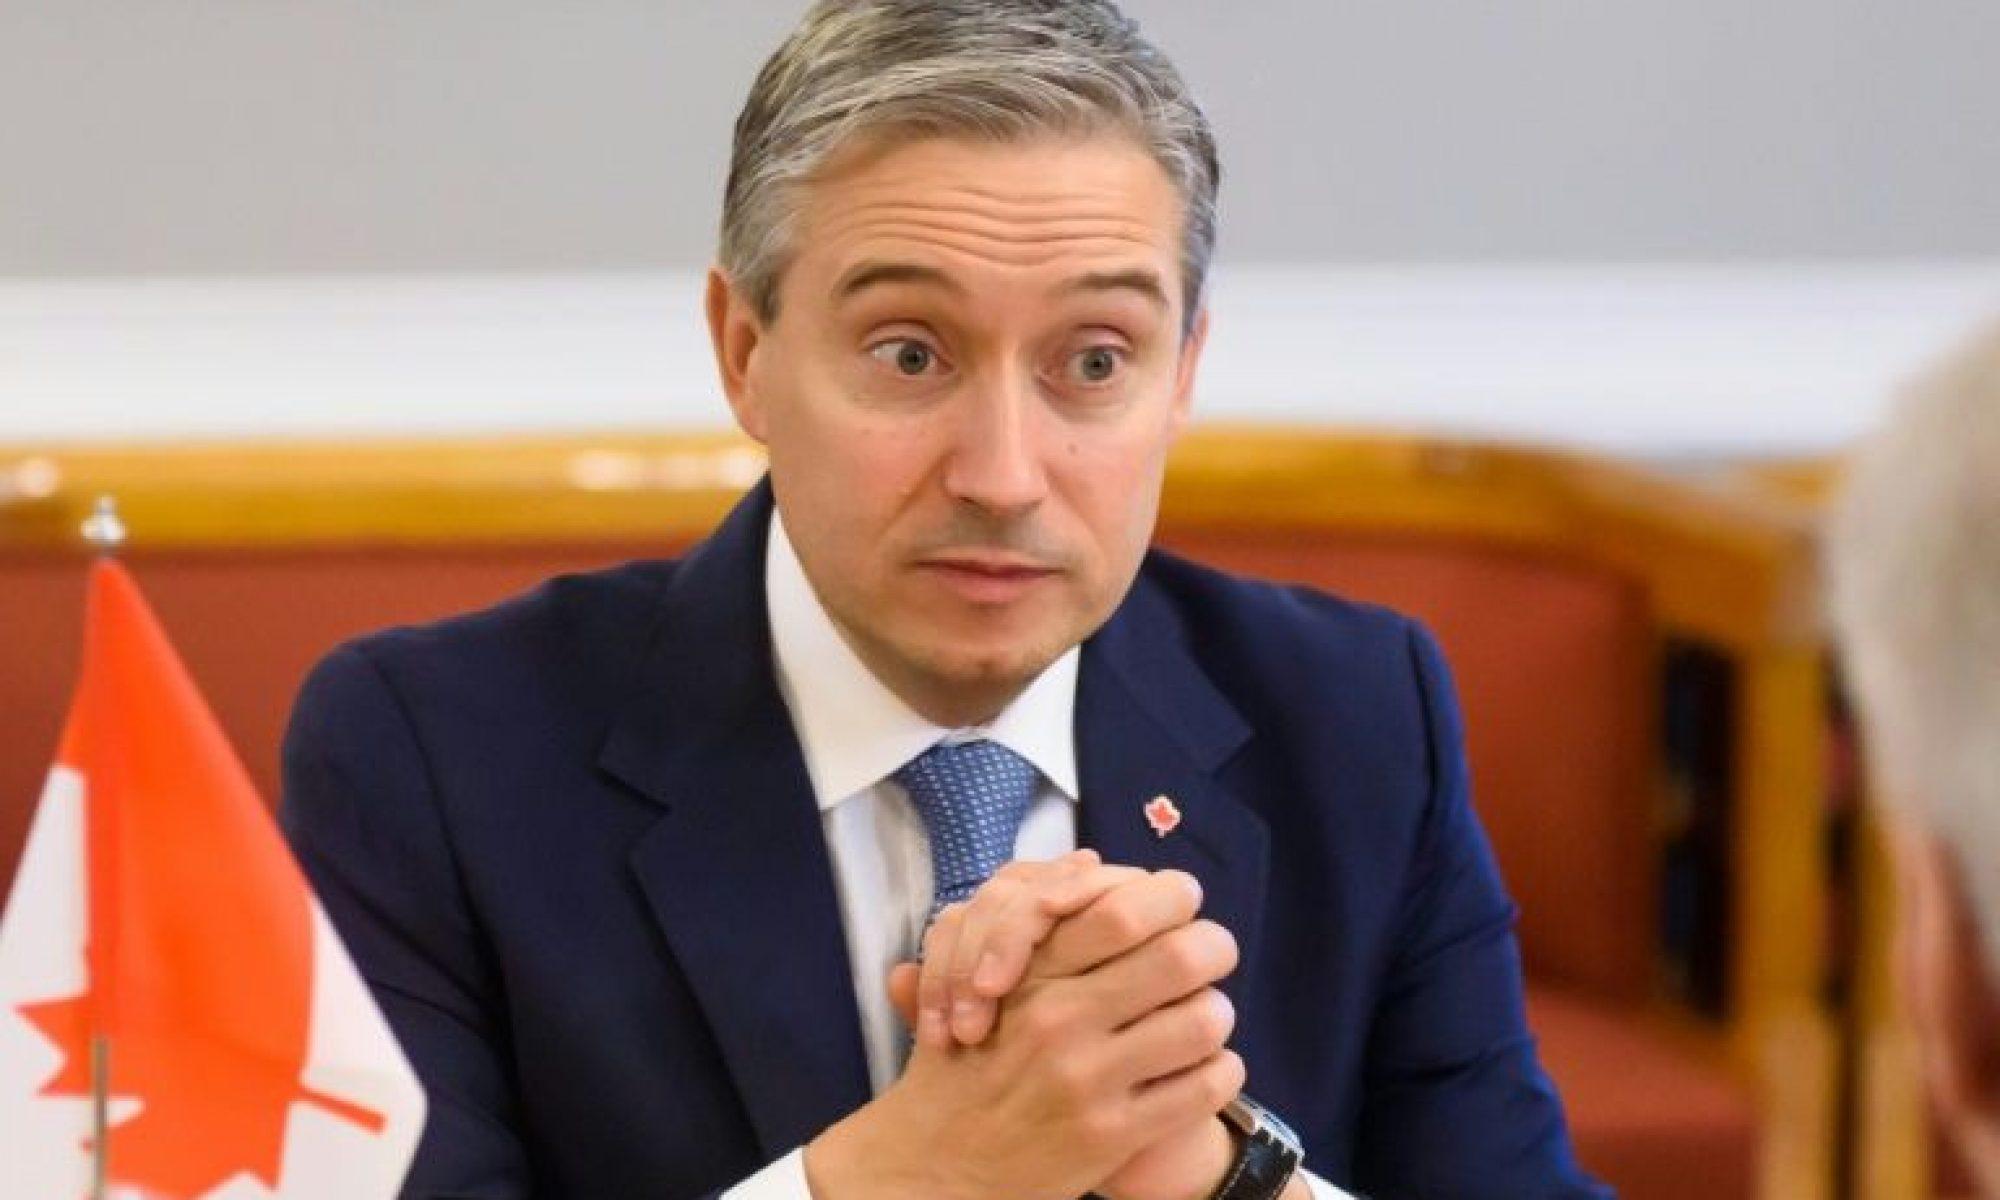 Kanada Dışişleri Bakanı: Türkiye'ye satılan silahlar insan hakları ihlallerine yol açıyor, satışı askıya François-Philippe Champagne